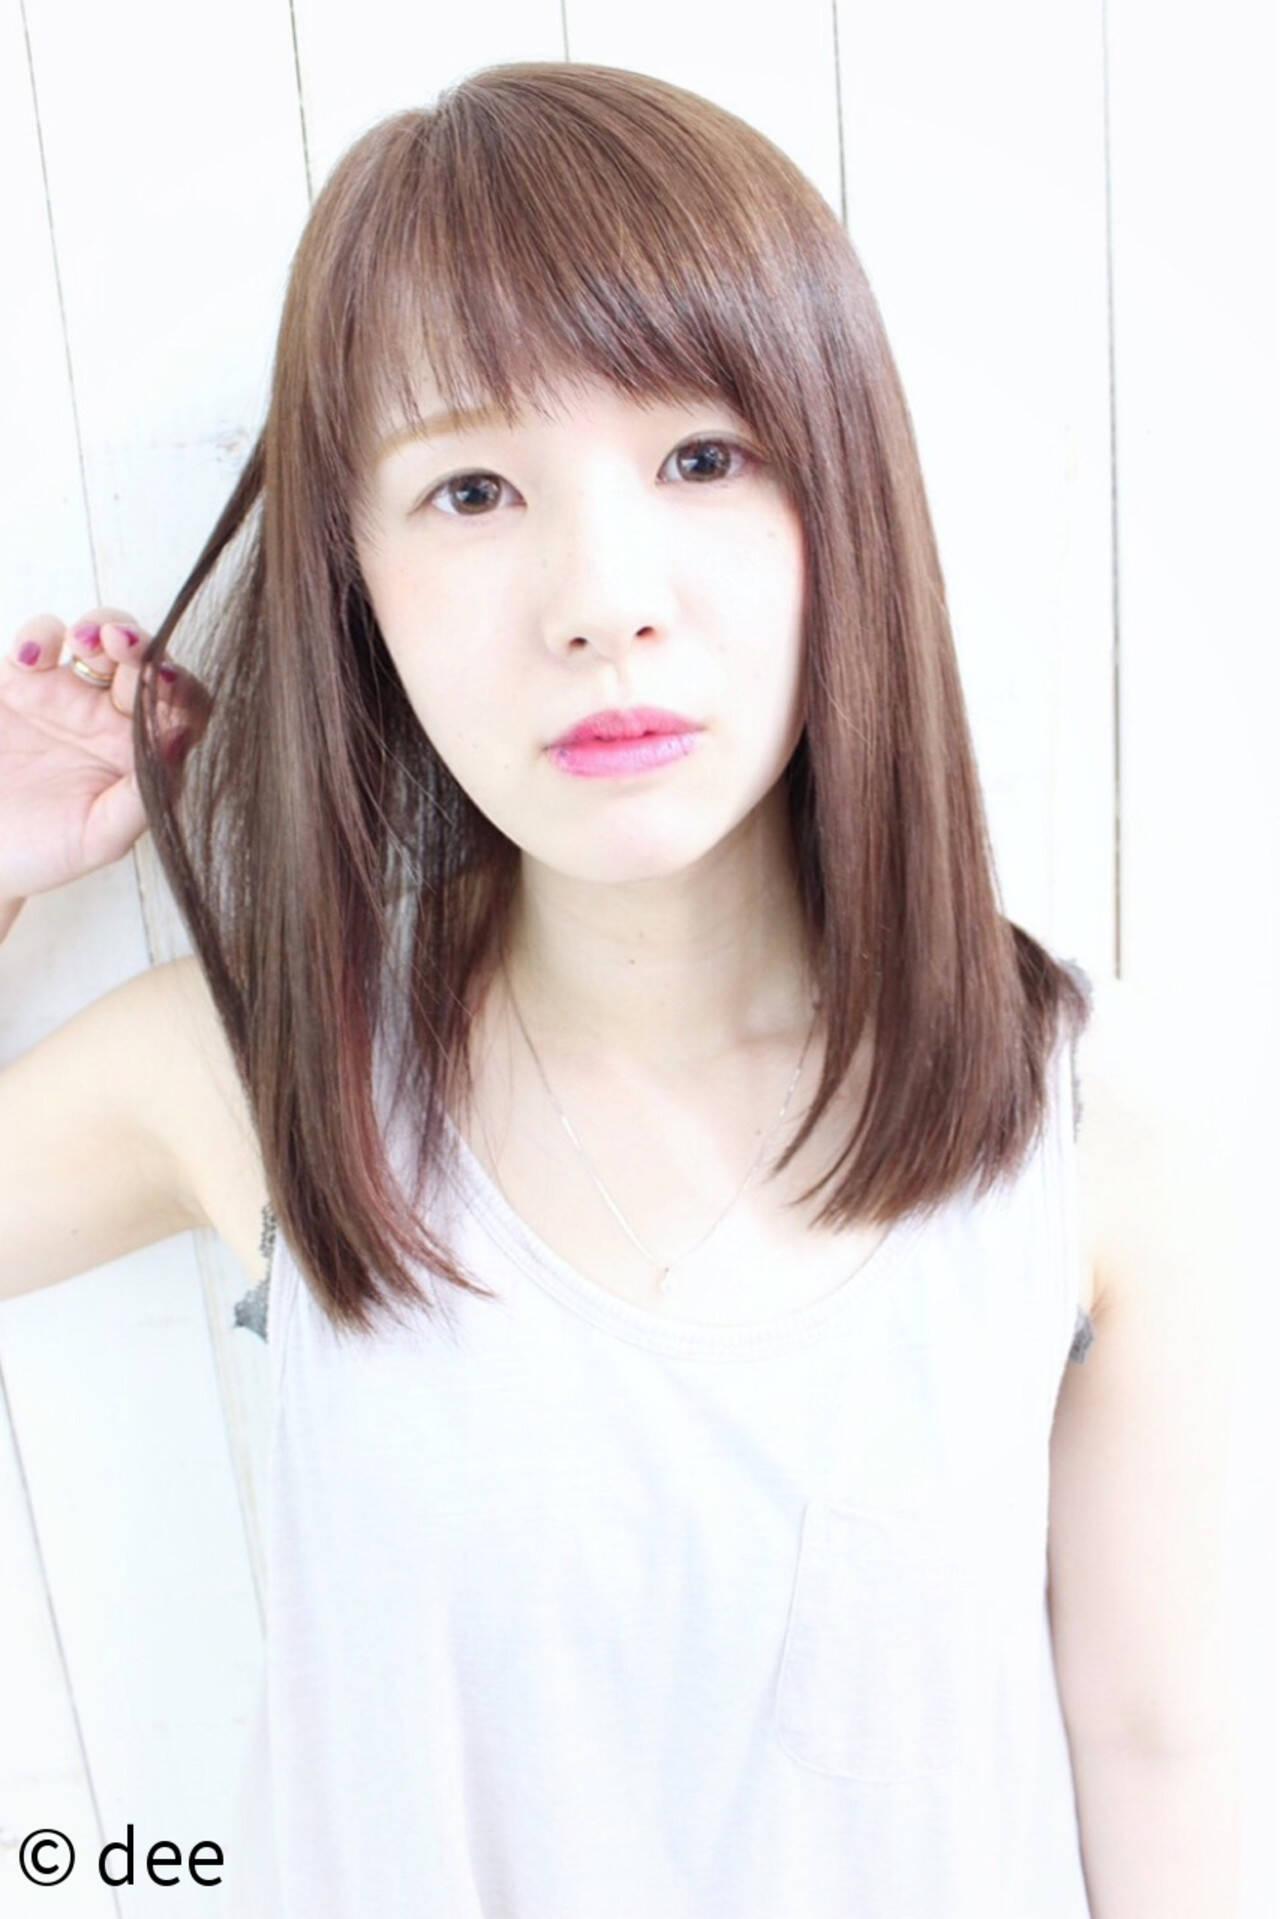 縮毛矯正 ナチュラル ストレート シースルーバングヘアスタイルや髪型の写真・画像